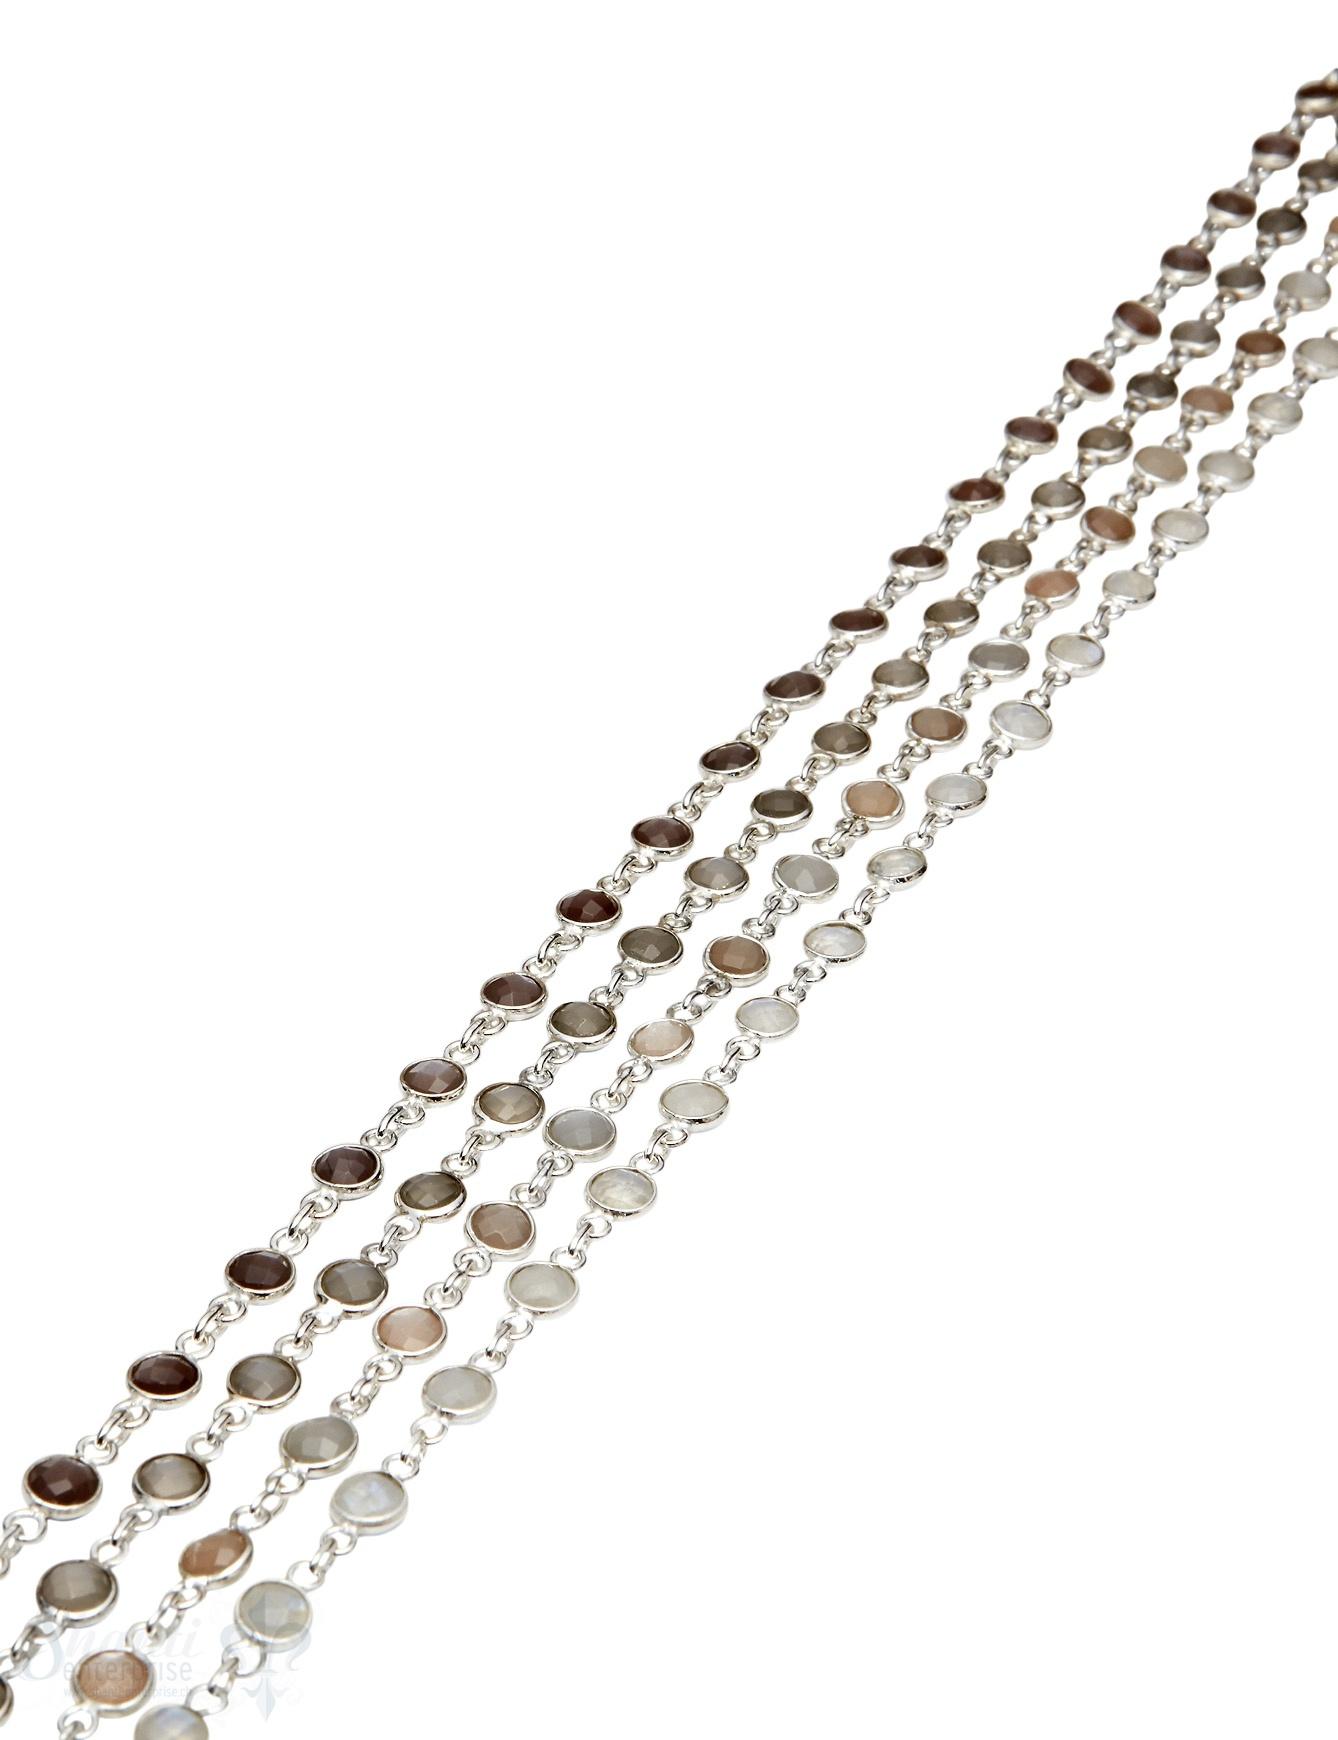 Silberkette mit facett. Steinen 6 mm rund eingefasst Abschnittlänge wird angepasst Preis / cm